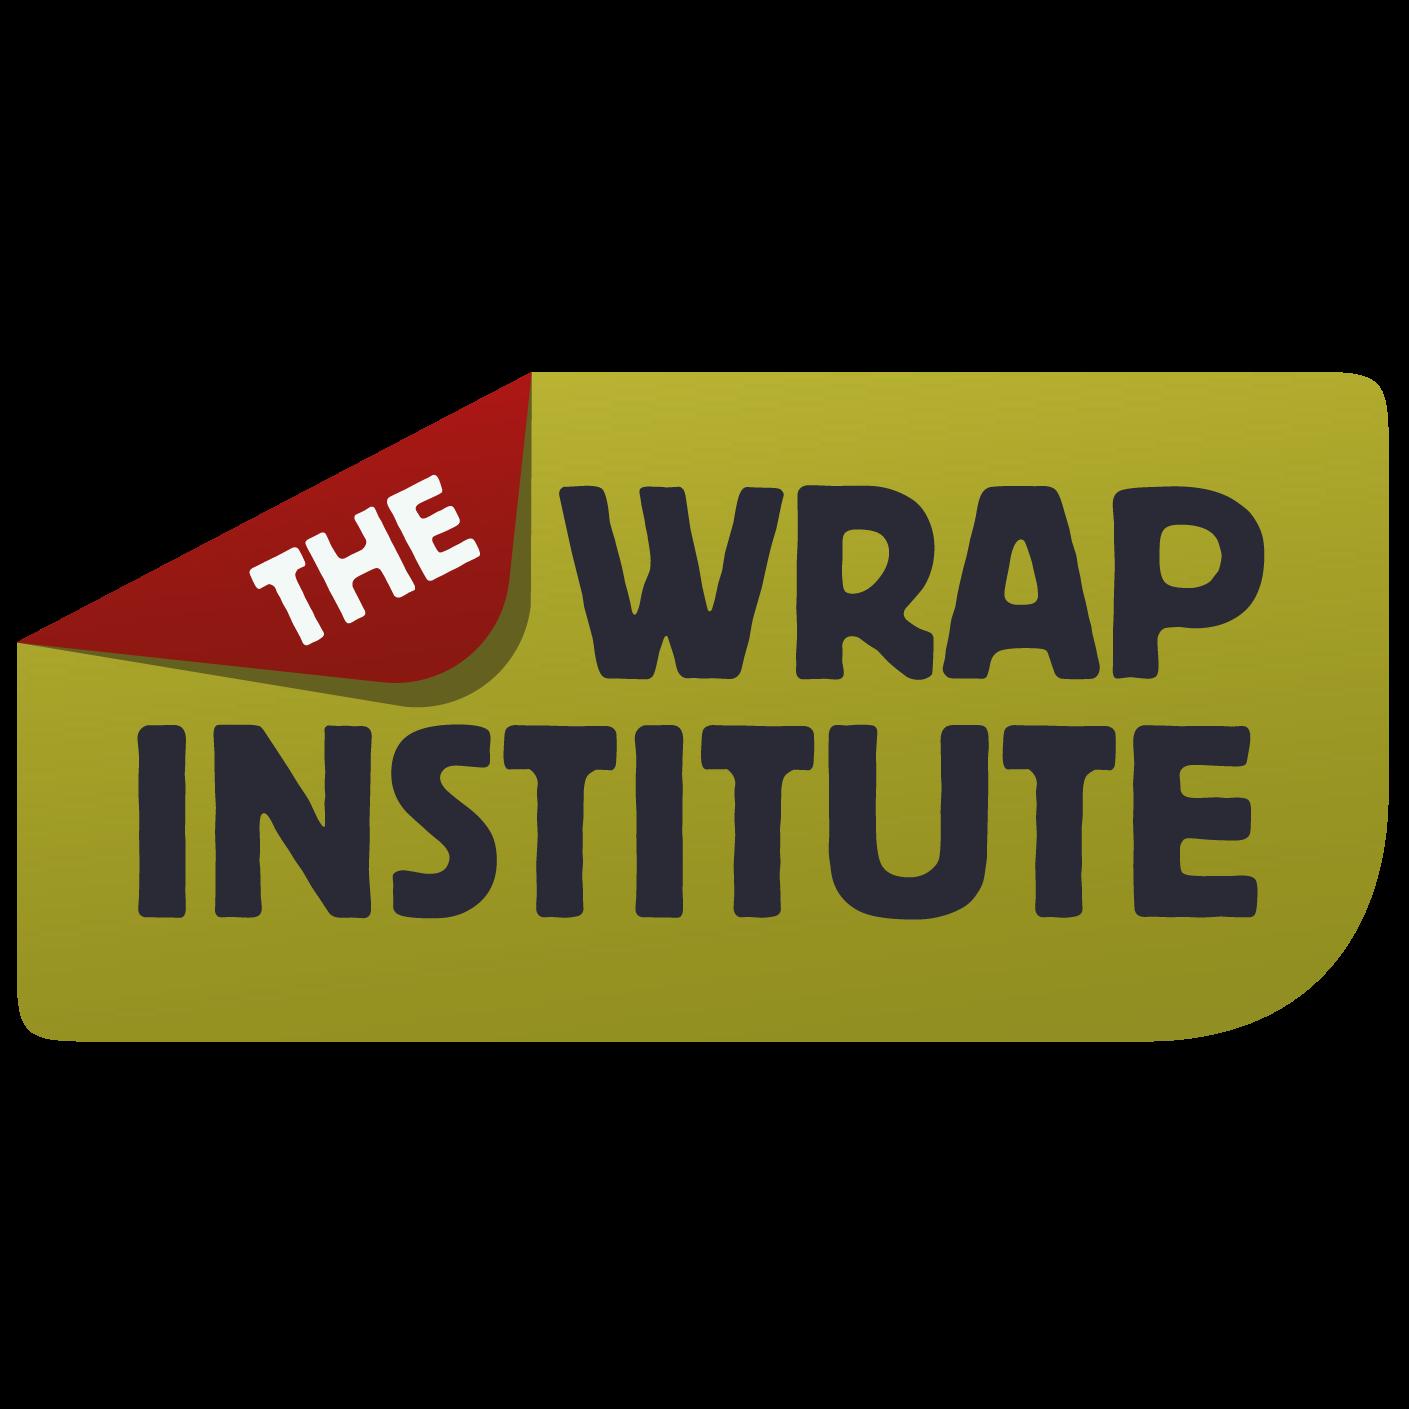 WRAP INSTITUTE-01